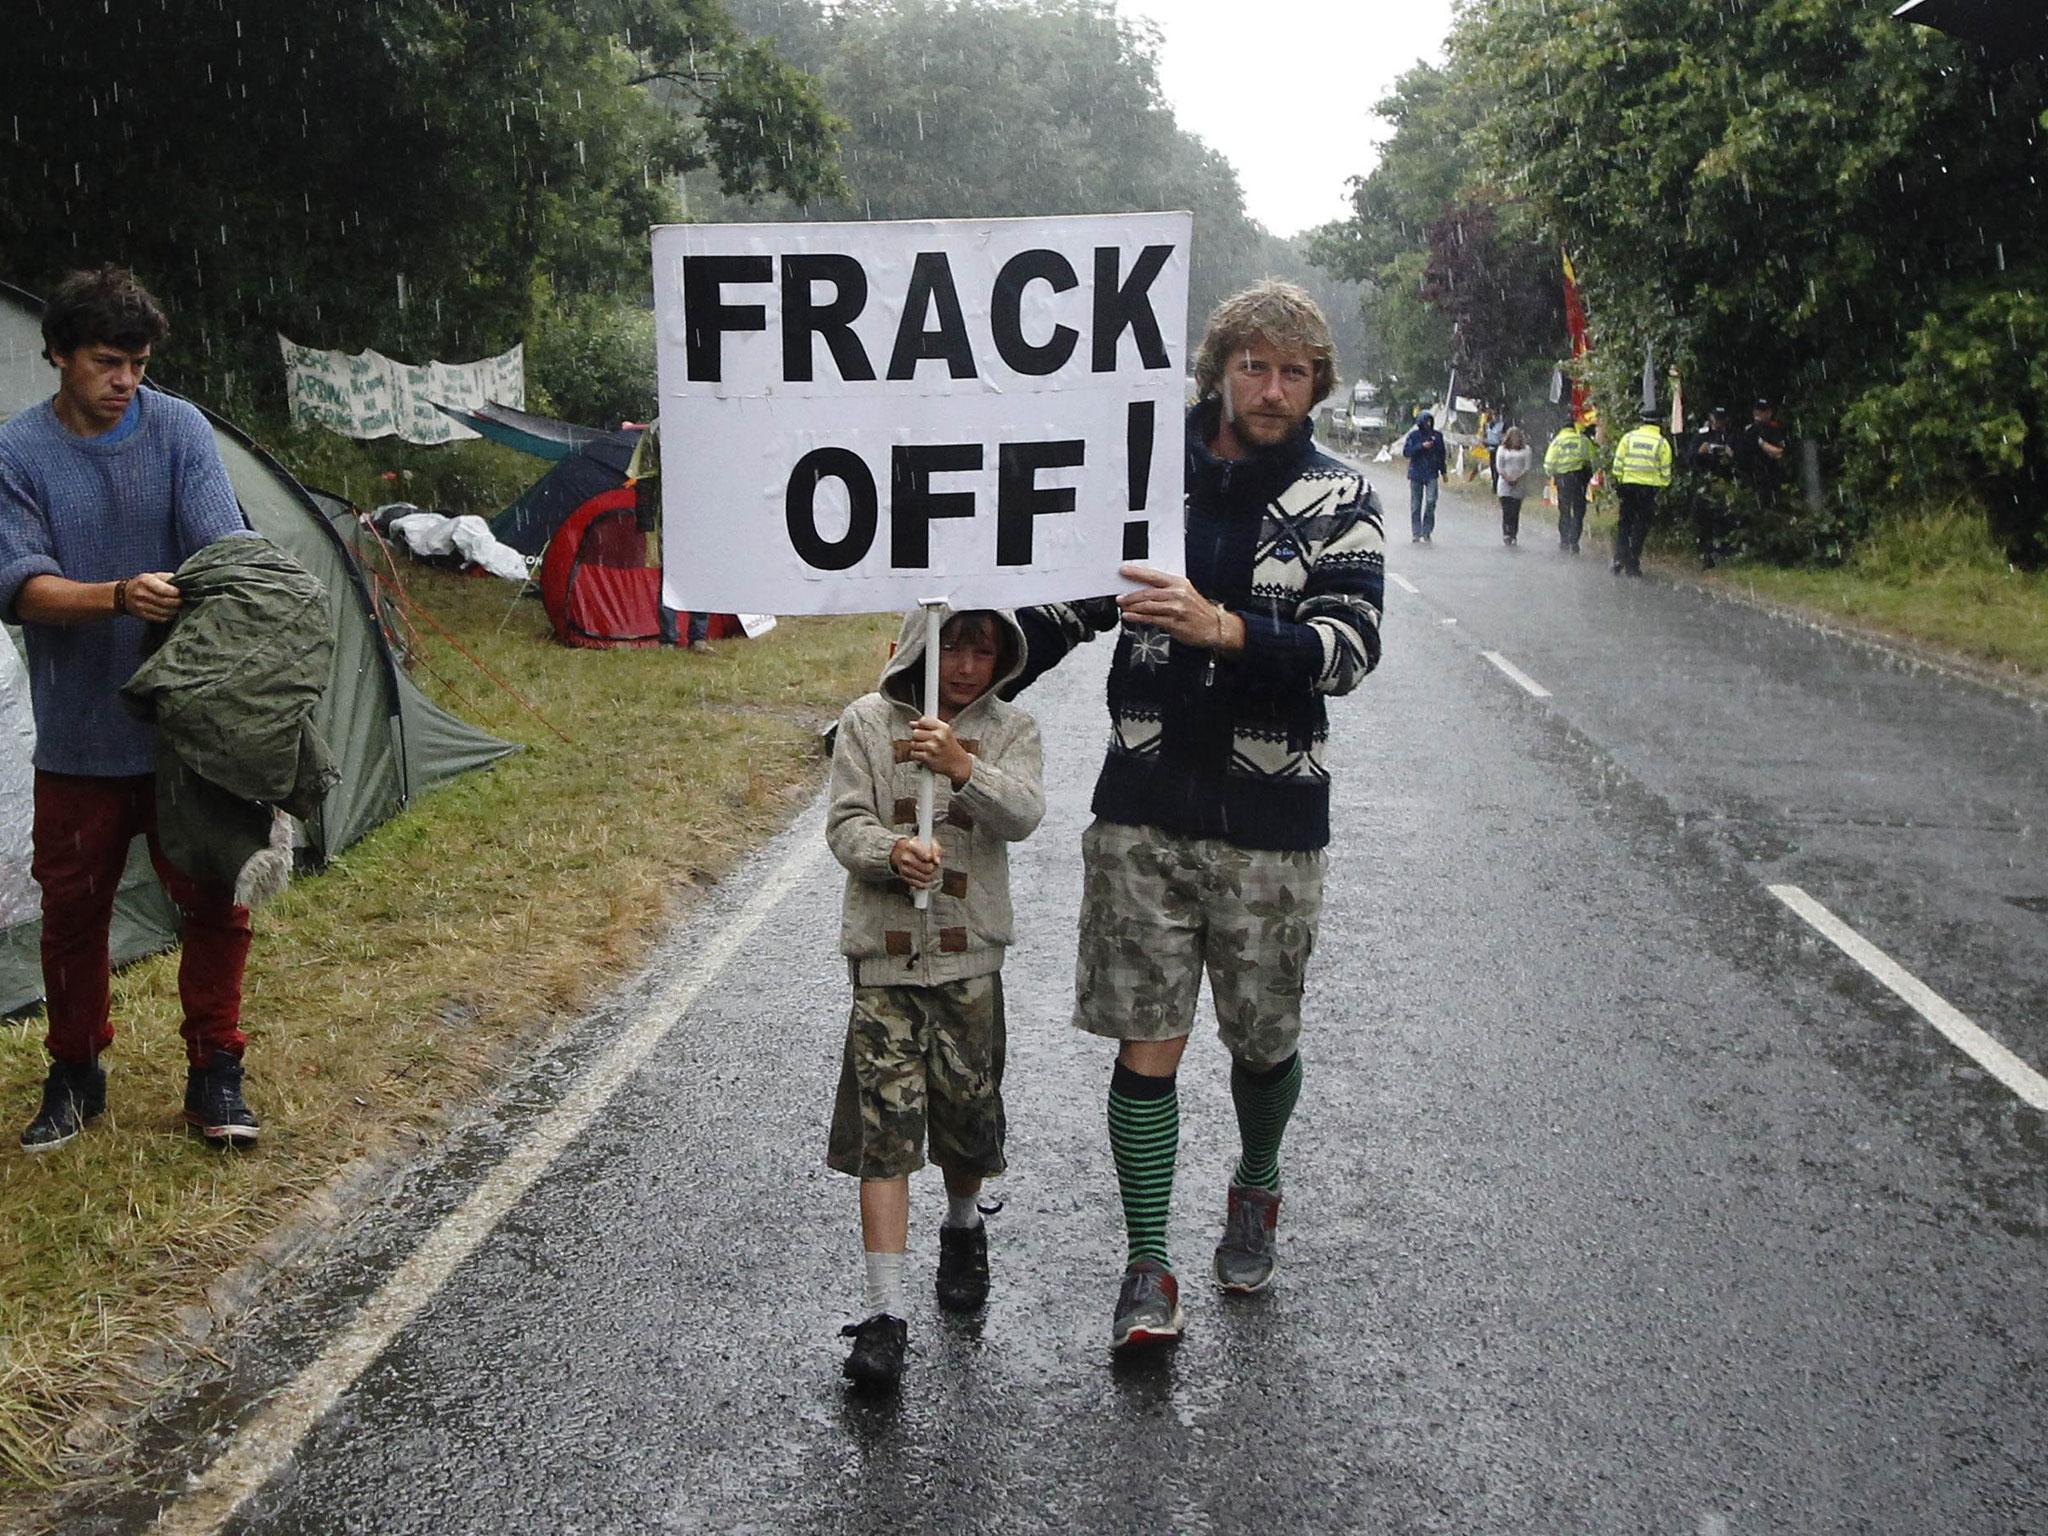 fracking-frack-off-dad-with-son